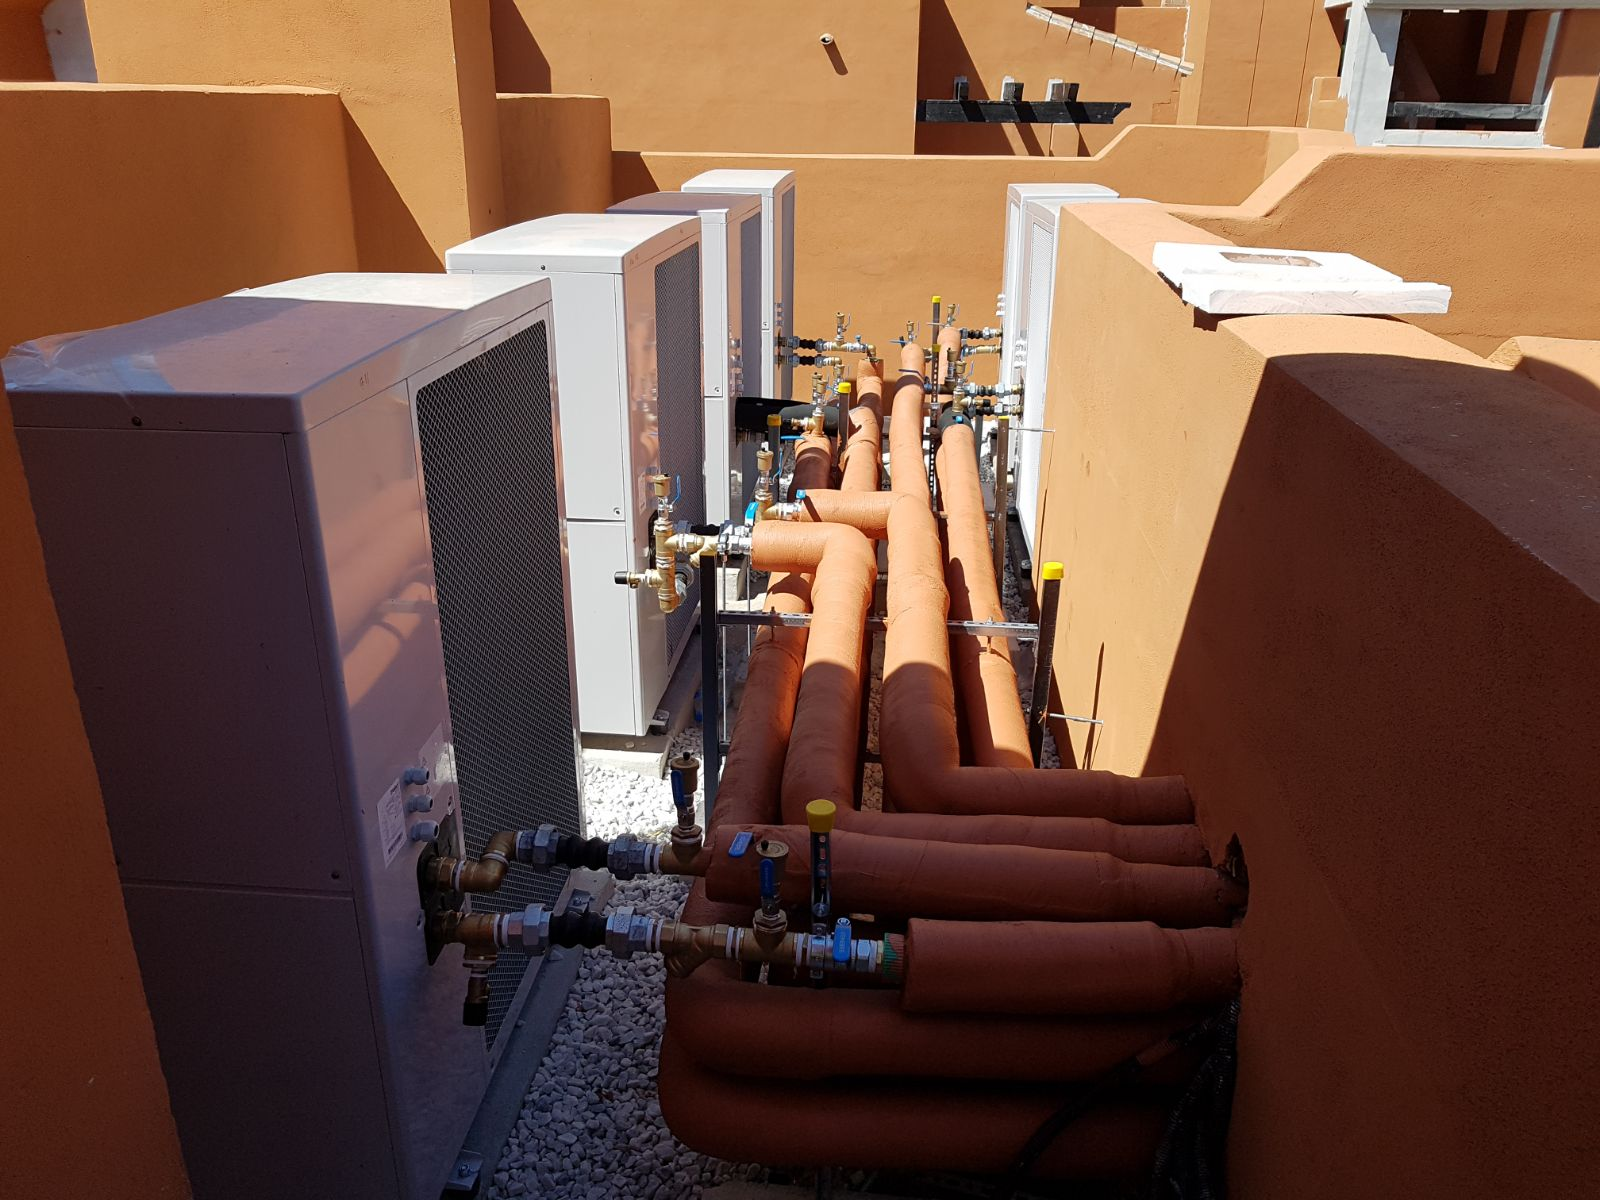 Promoción de Aerotermia para 44 viviendas (Málaga)